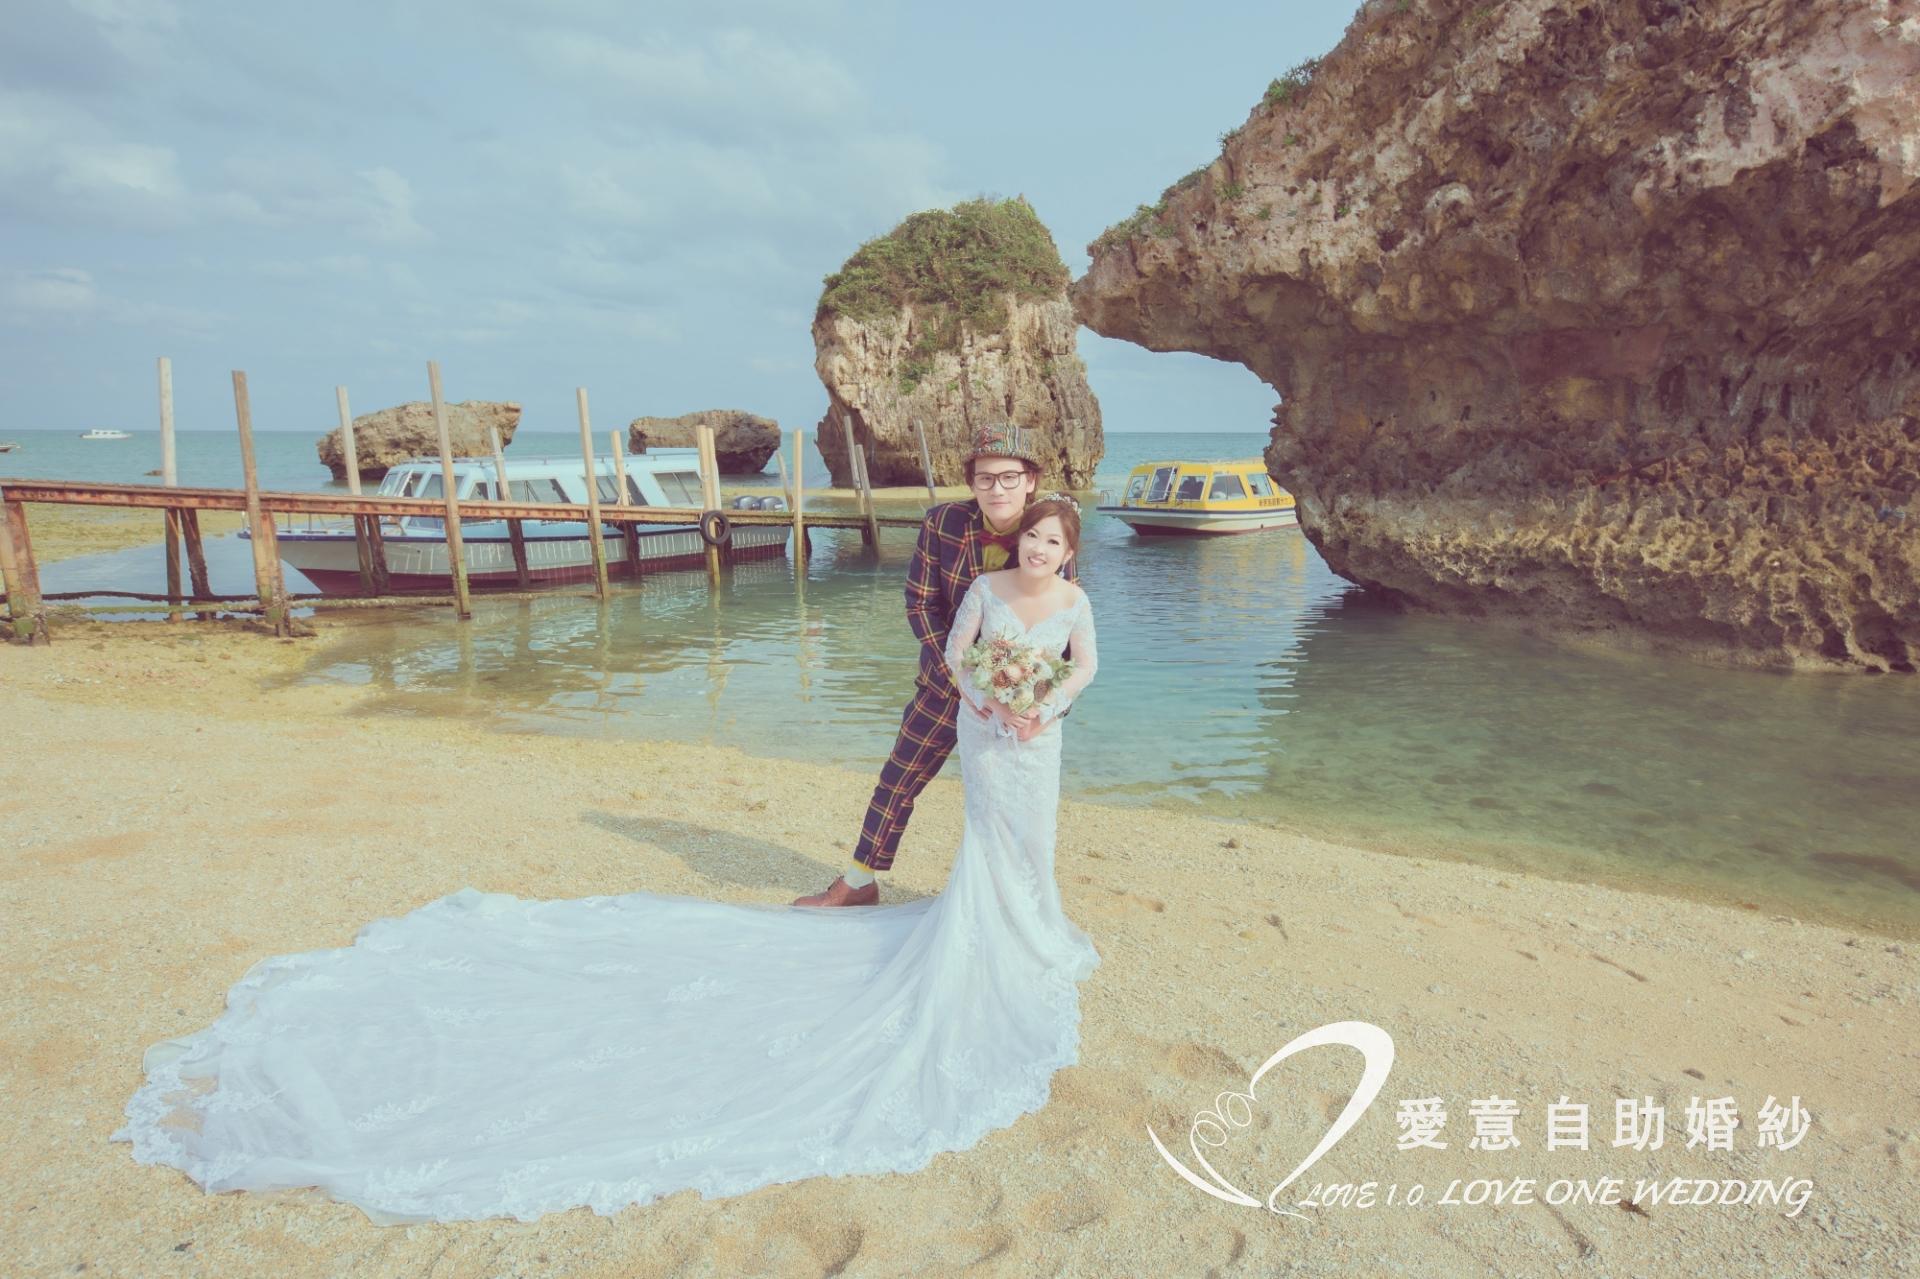 沖繩婚紗照愛意婚紗推薦6